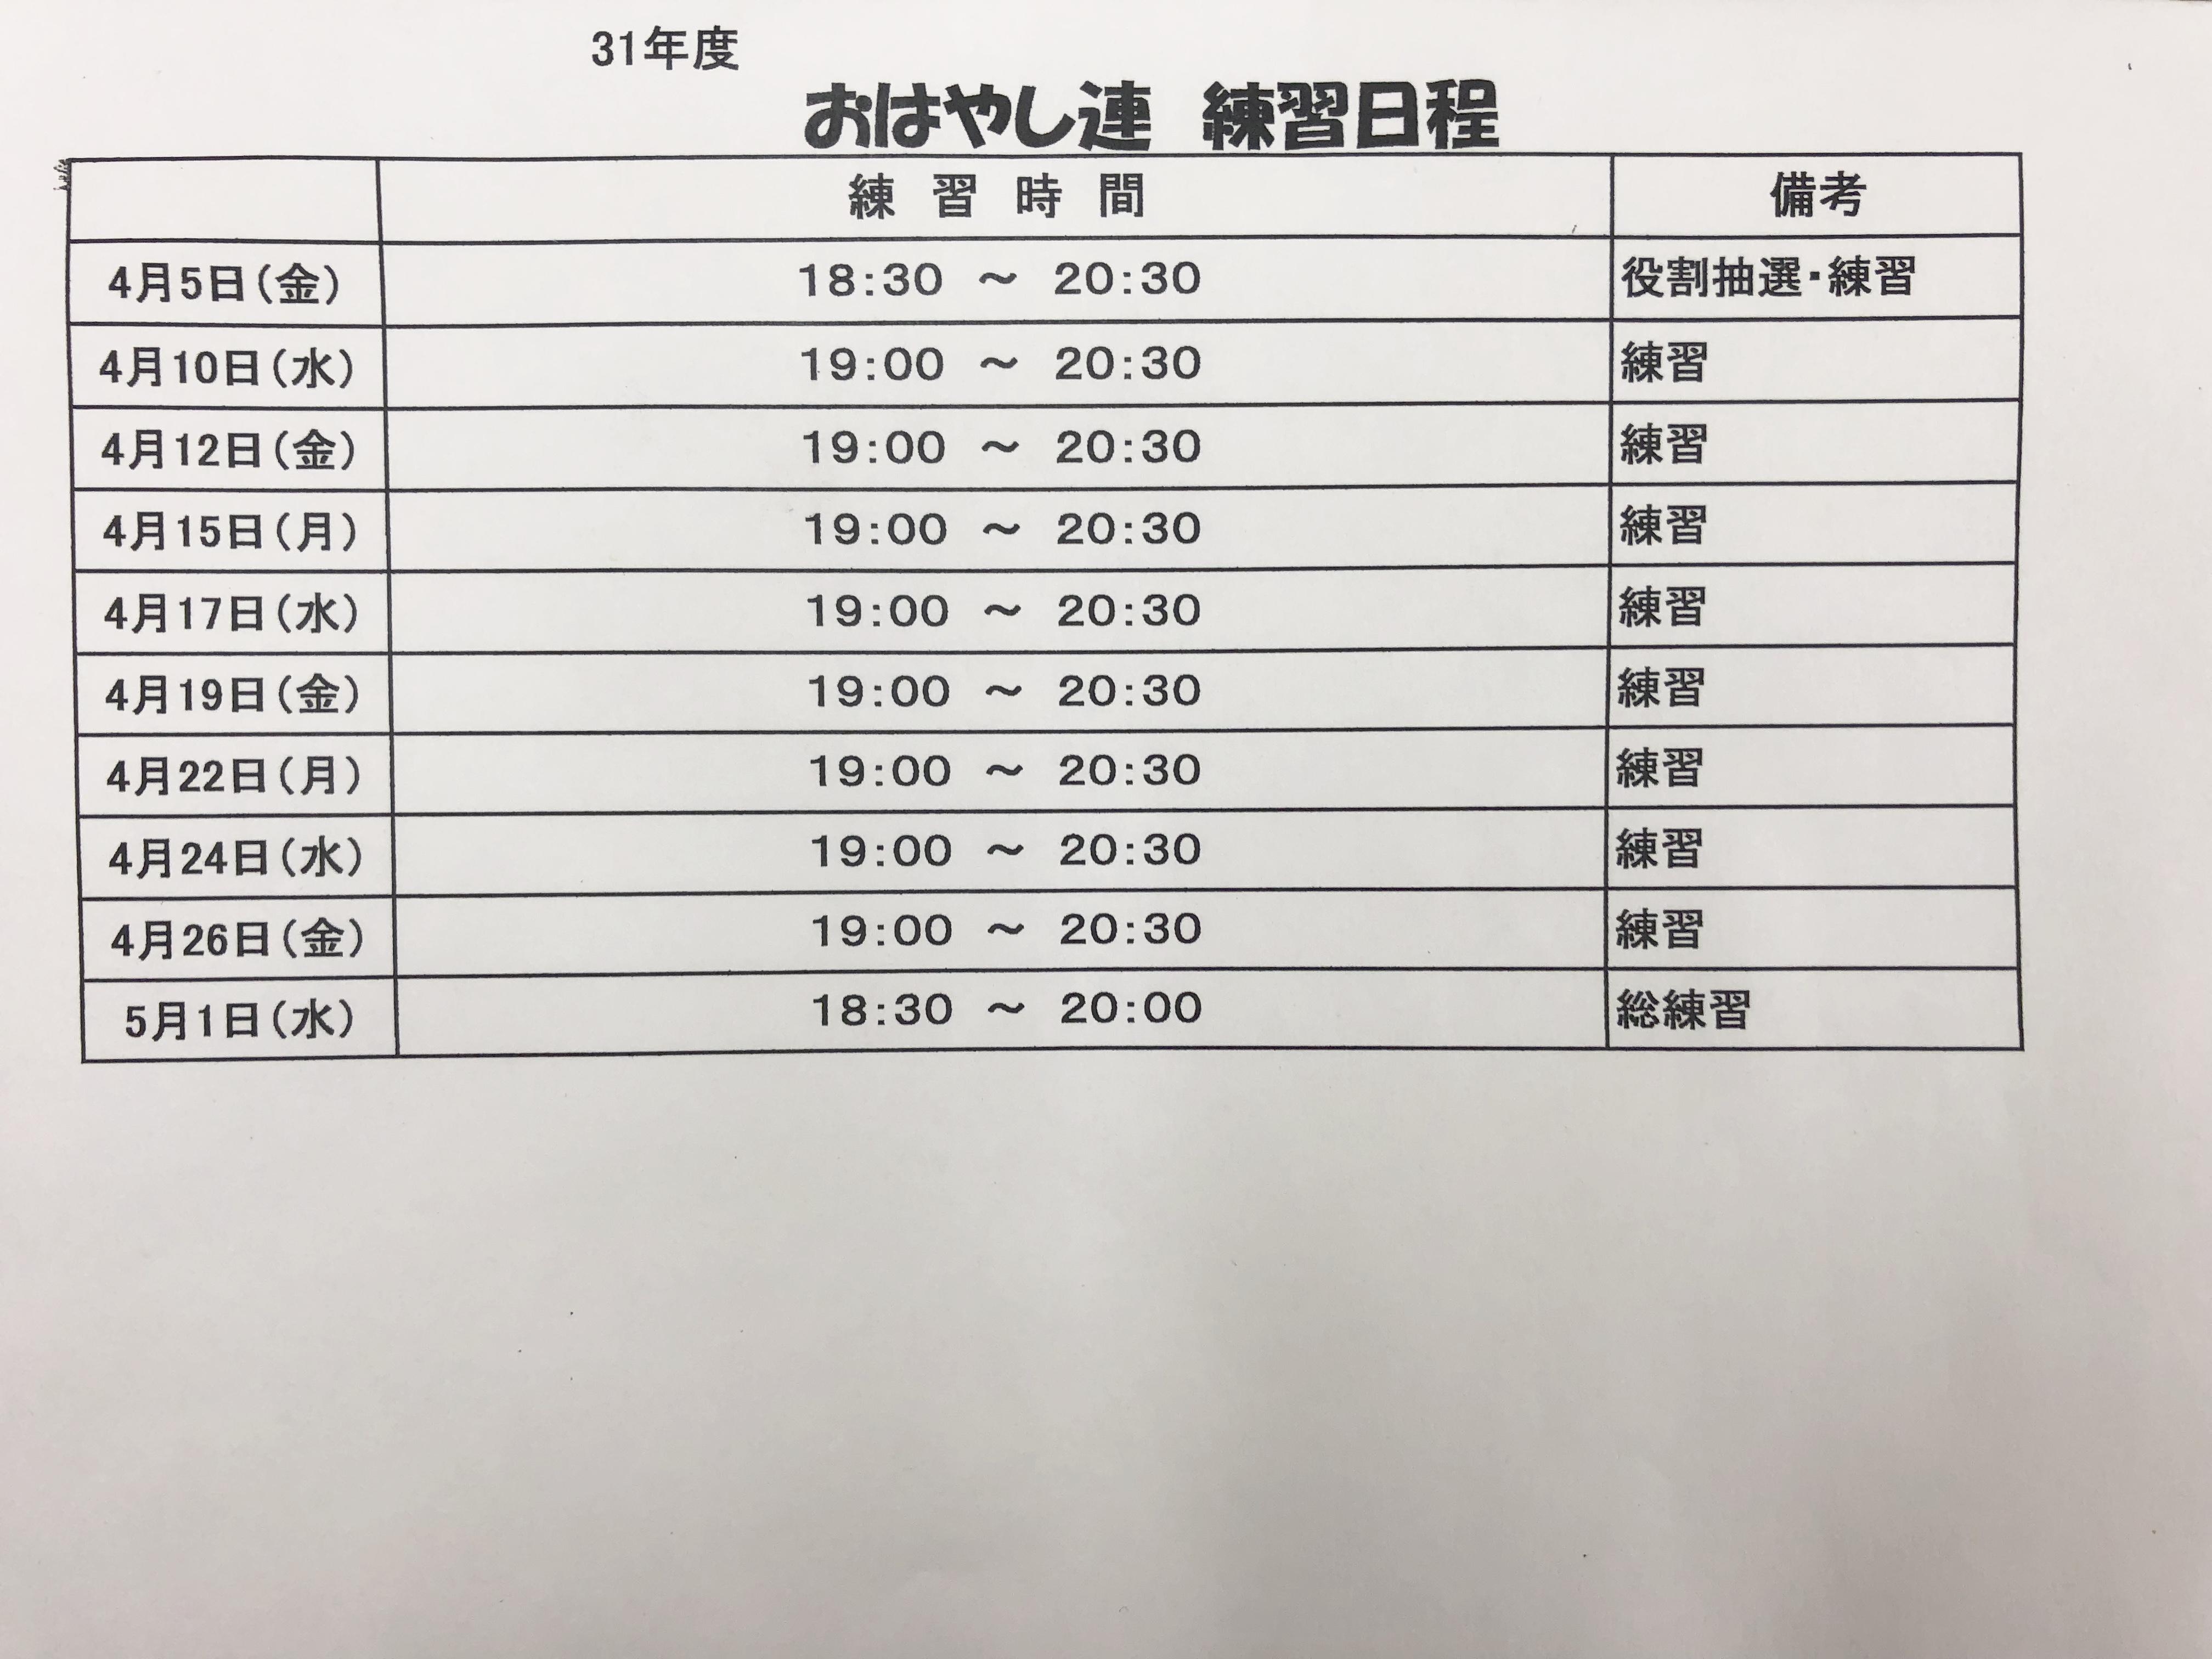 平成31年 おはやし連練習日程